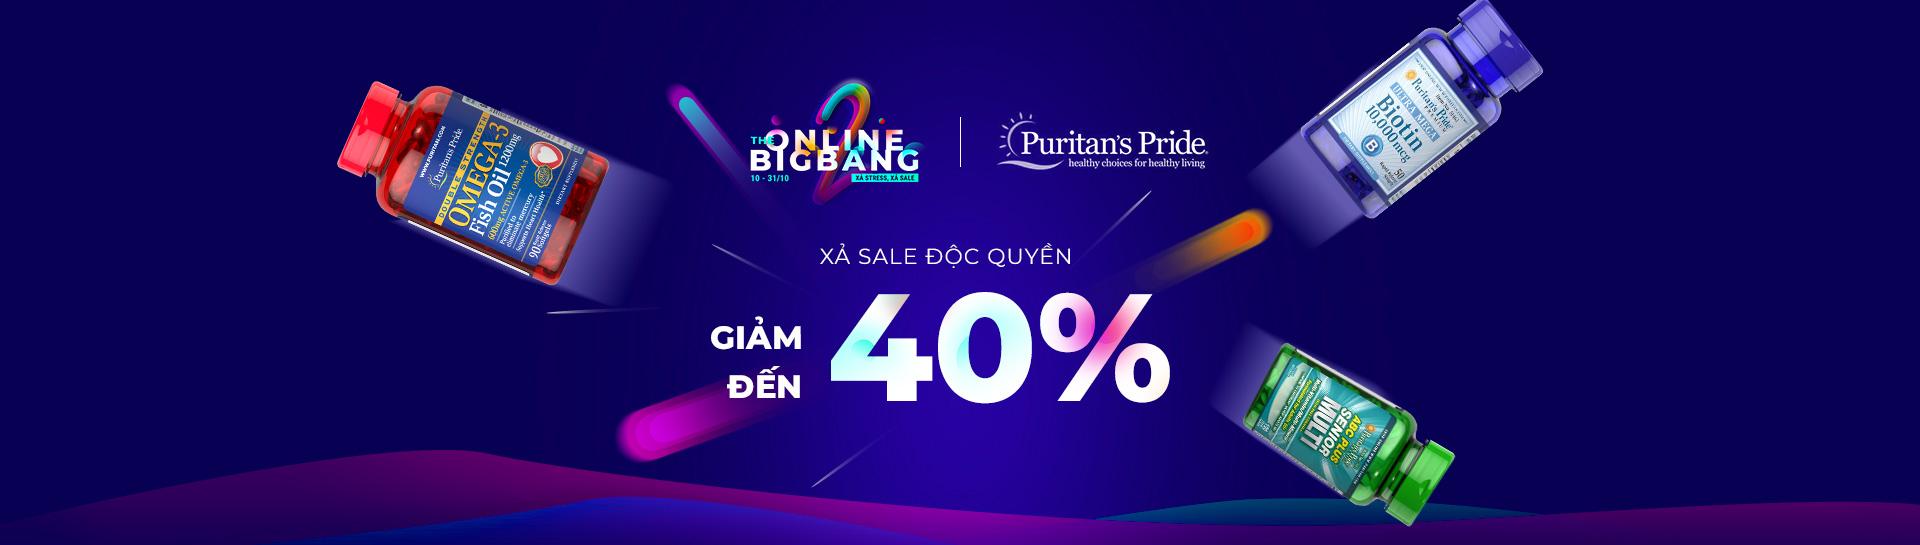 Hình ảnh Puritan's Pride - Giảm giá đến 40%